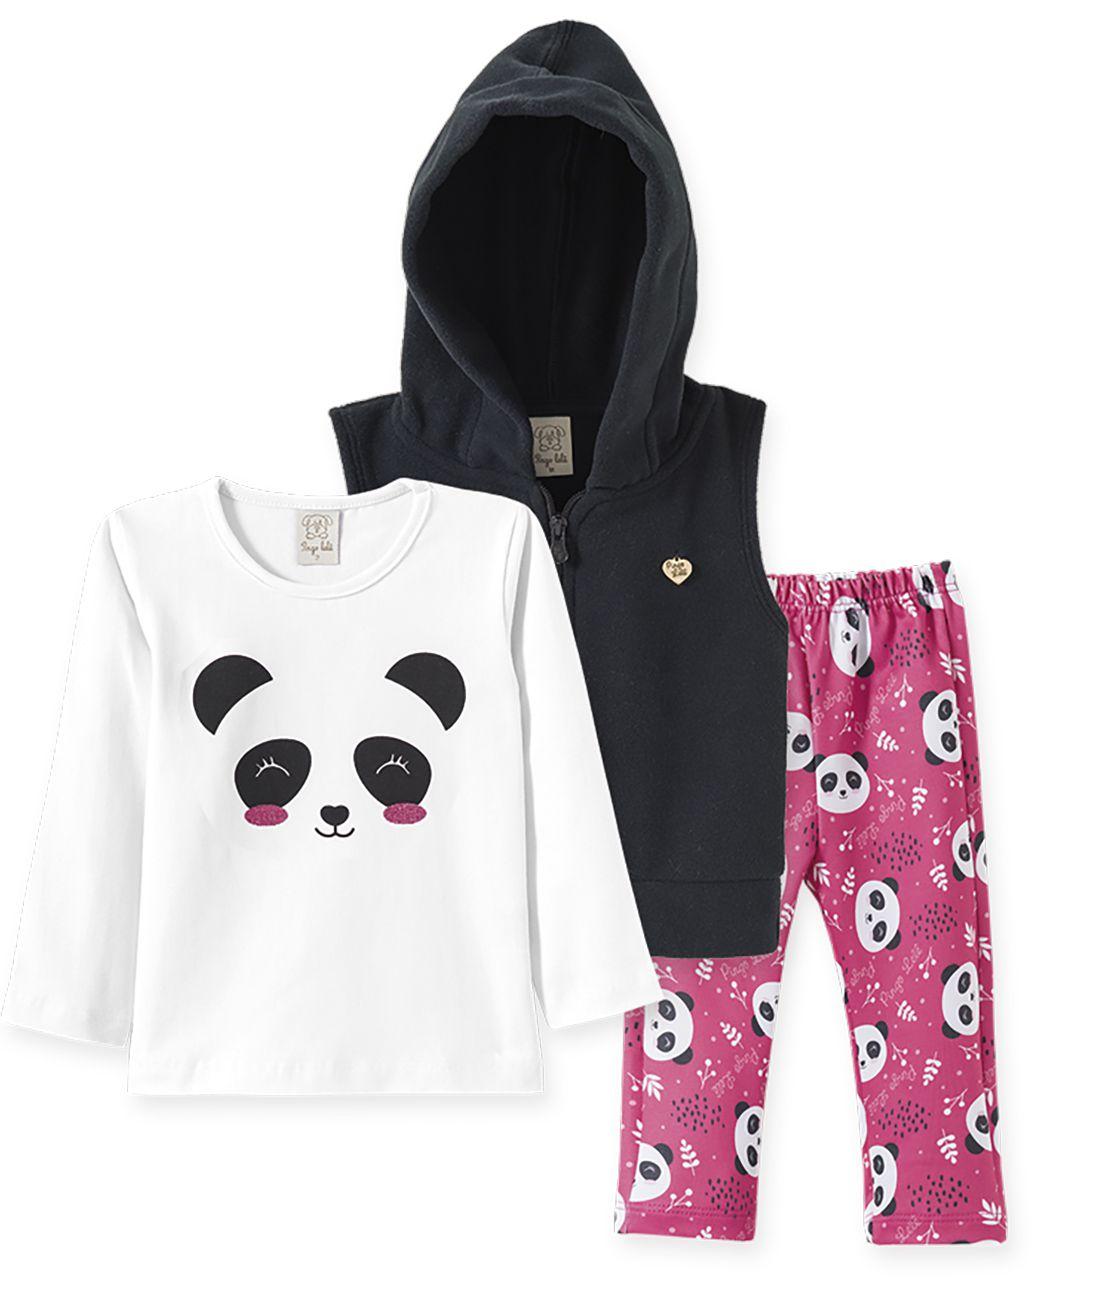 Conjunto Infantil Camiseta Suedine manga longa, Calça Malha Térmica e Colete  Soft Pelo Pingo Lelê  Panda Rosa/Preto